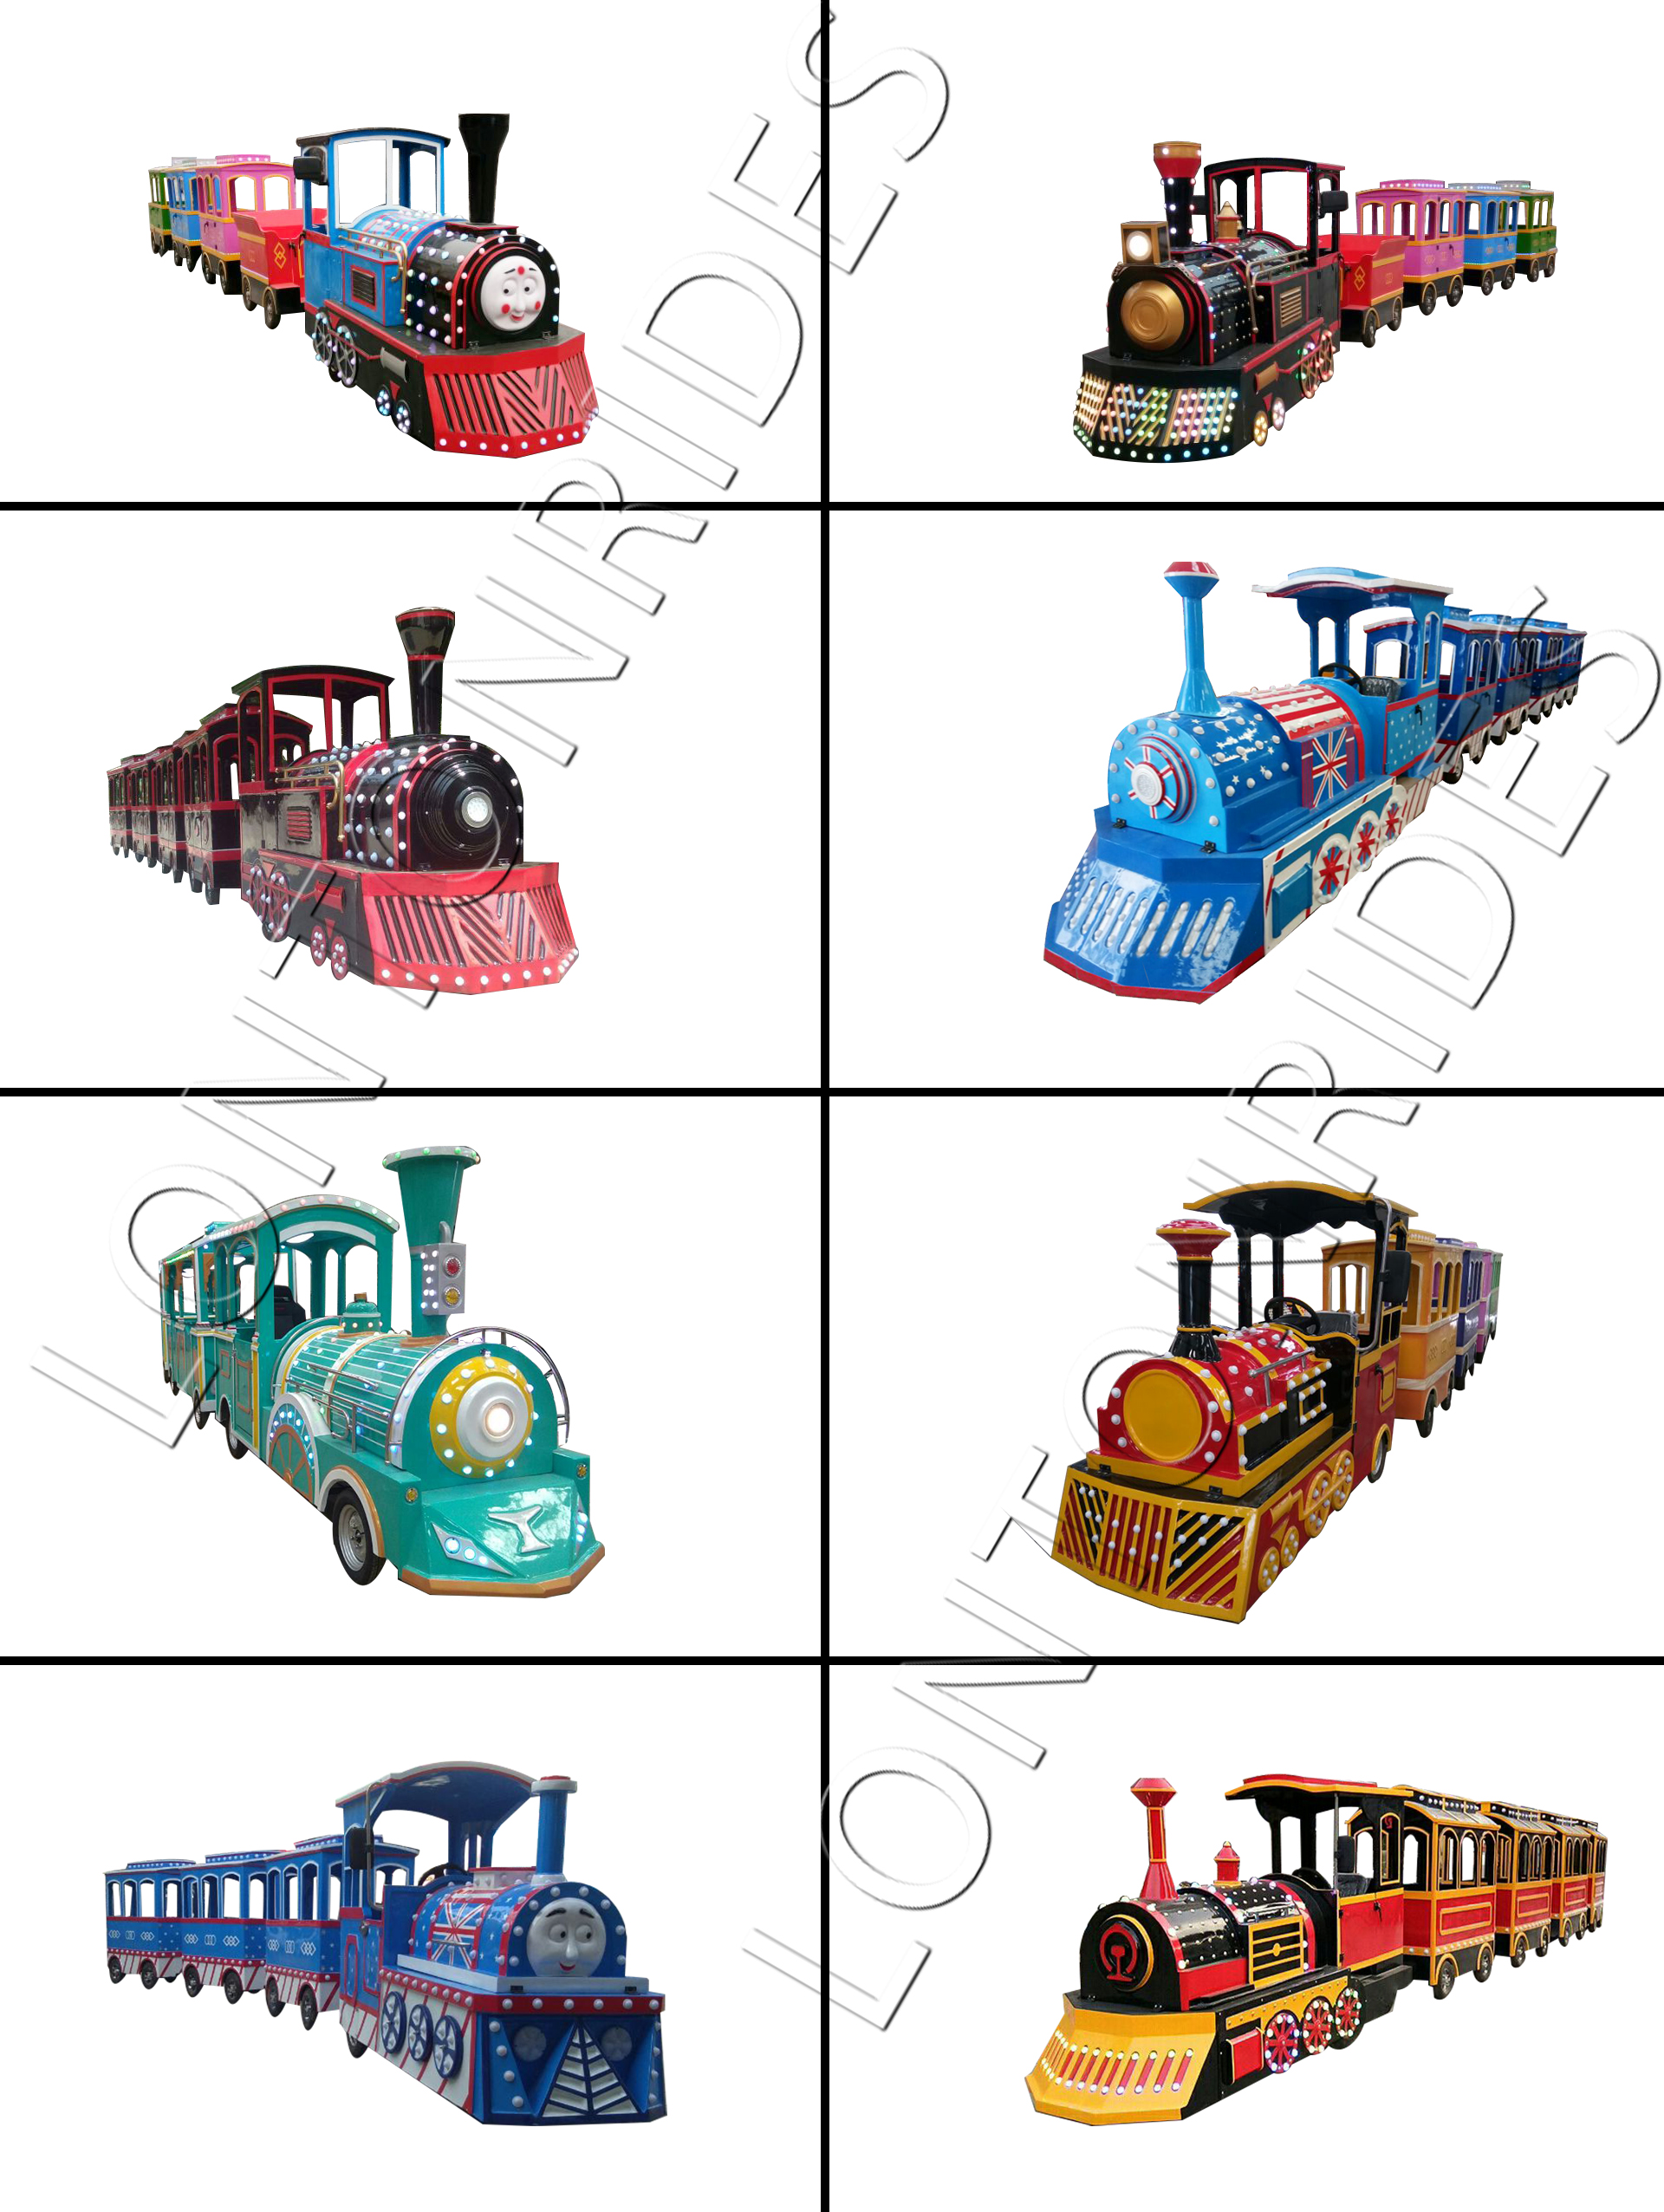 Trackless train designs 加水印